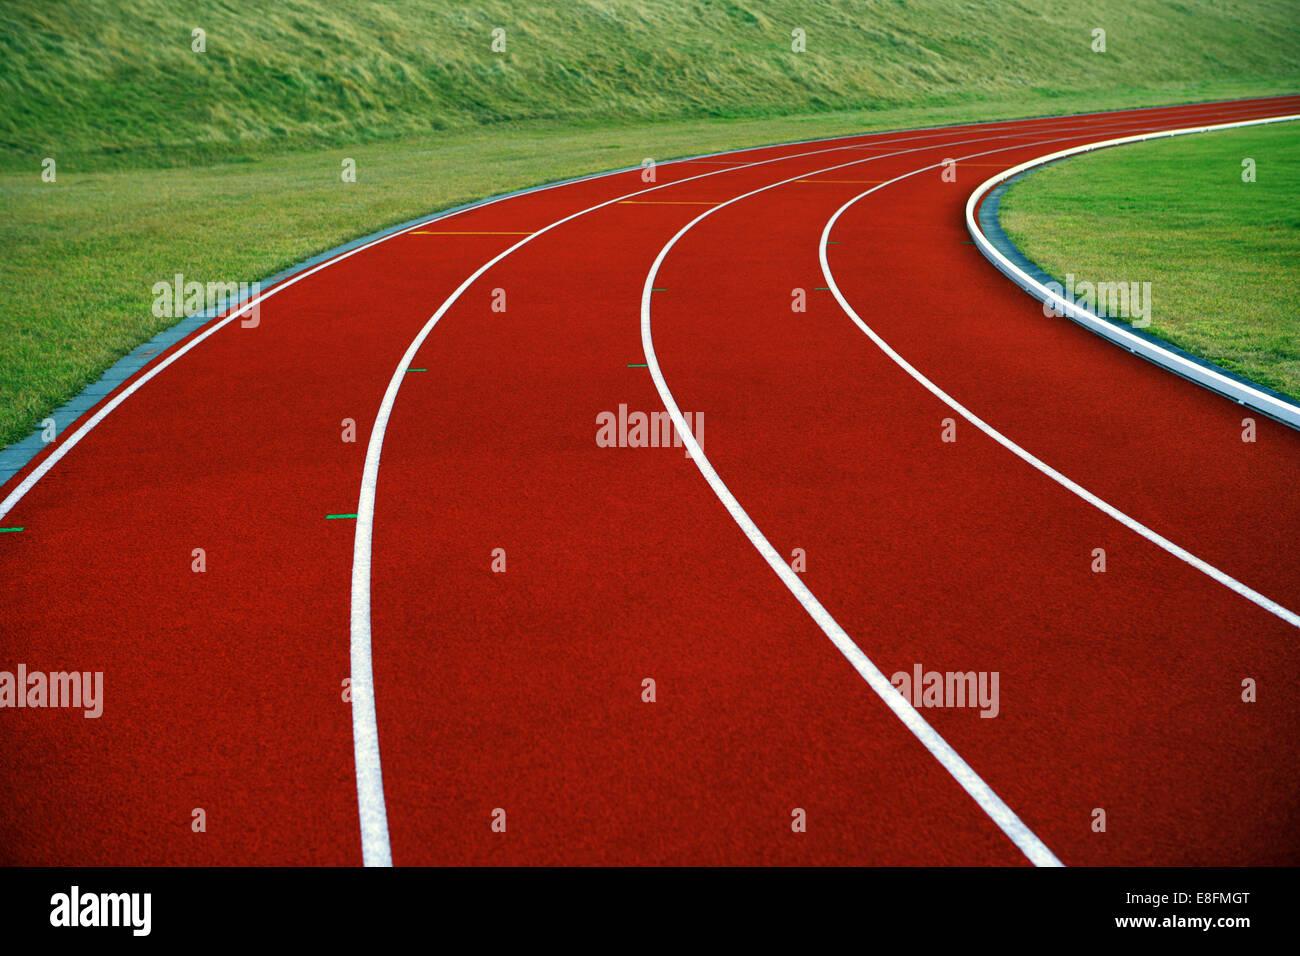 Cerca de la pista de atletismo Imagen De Stock